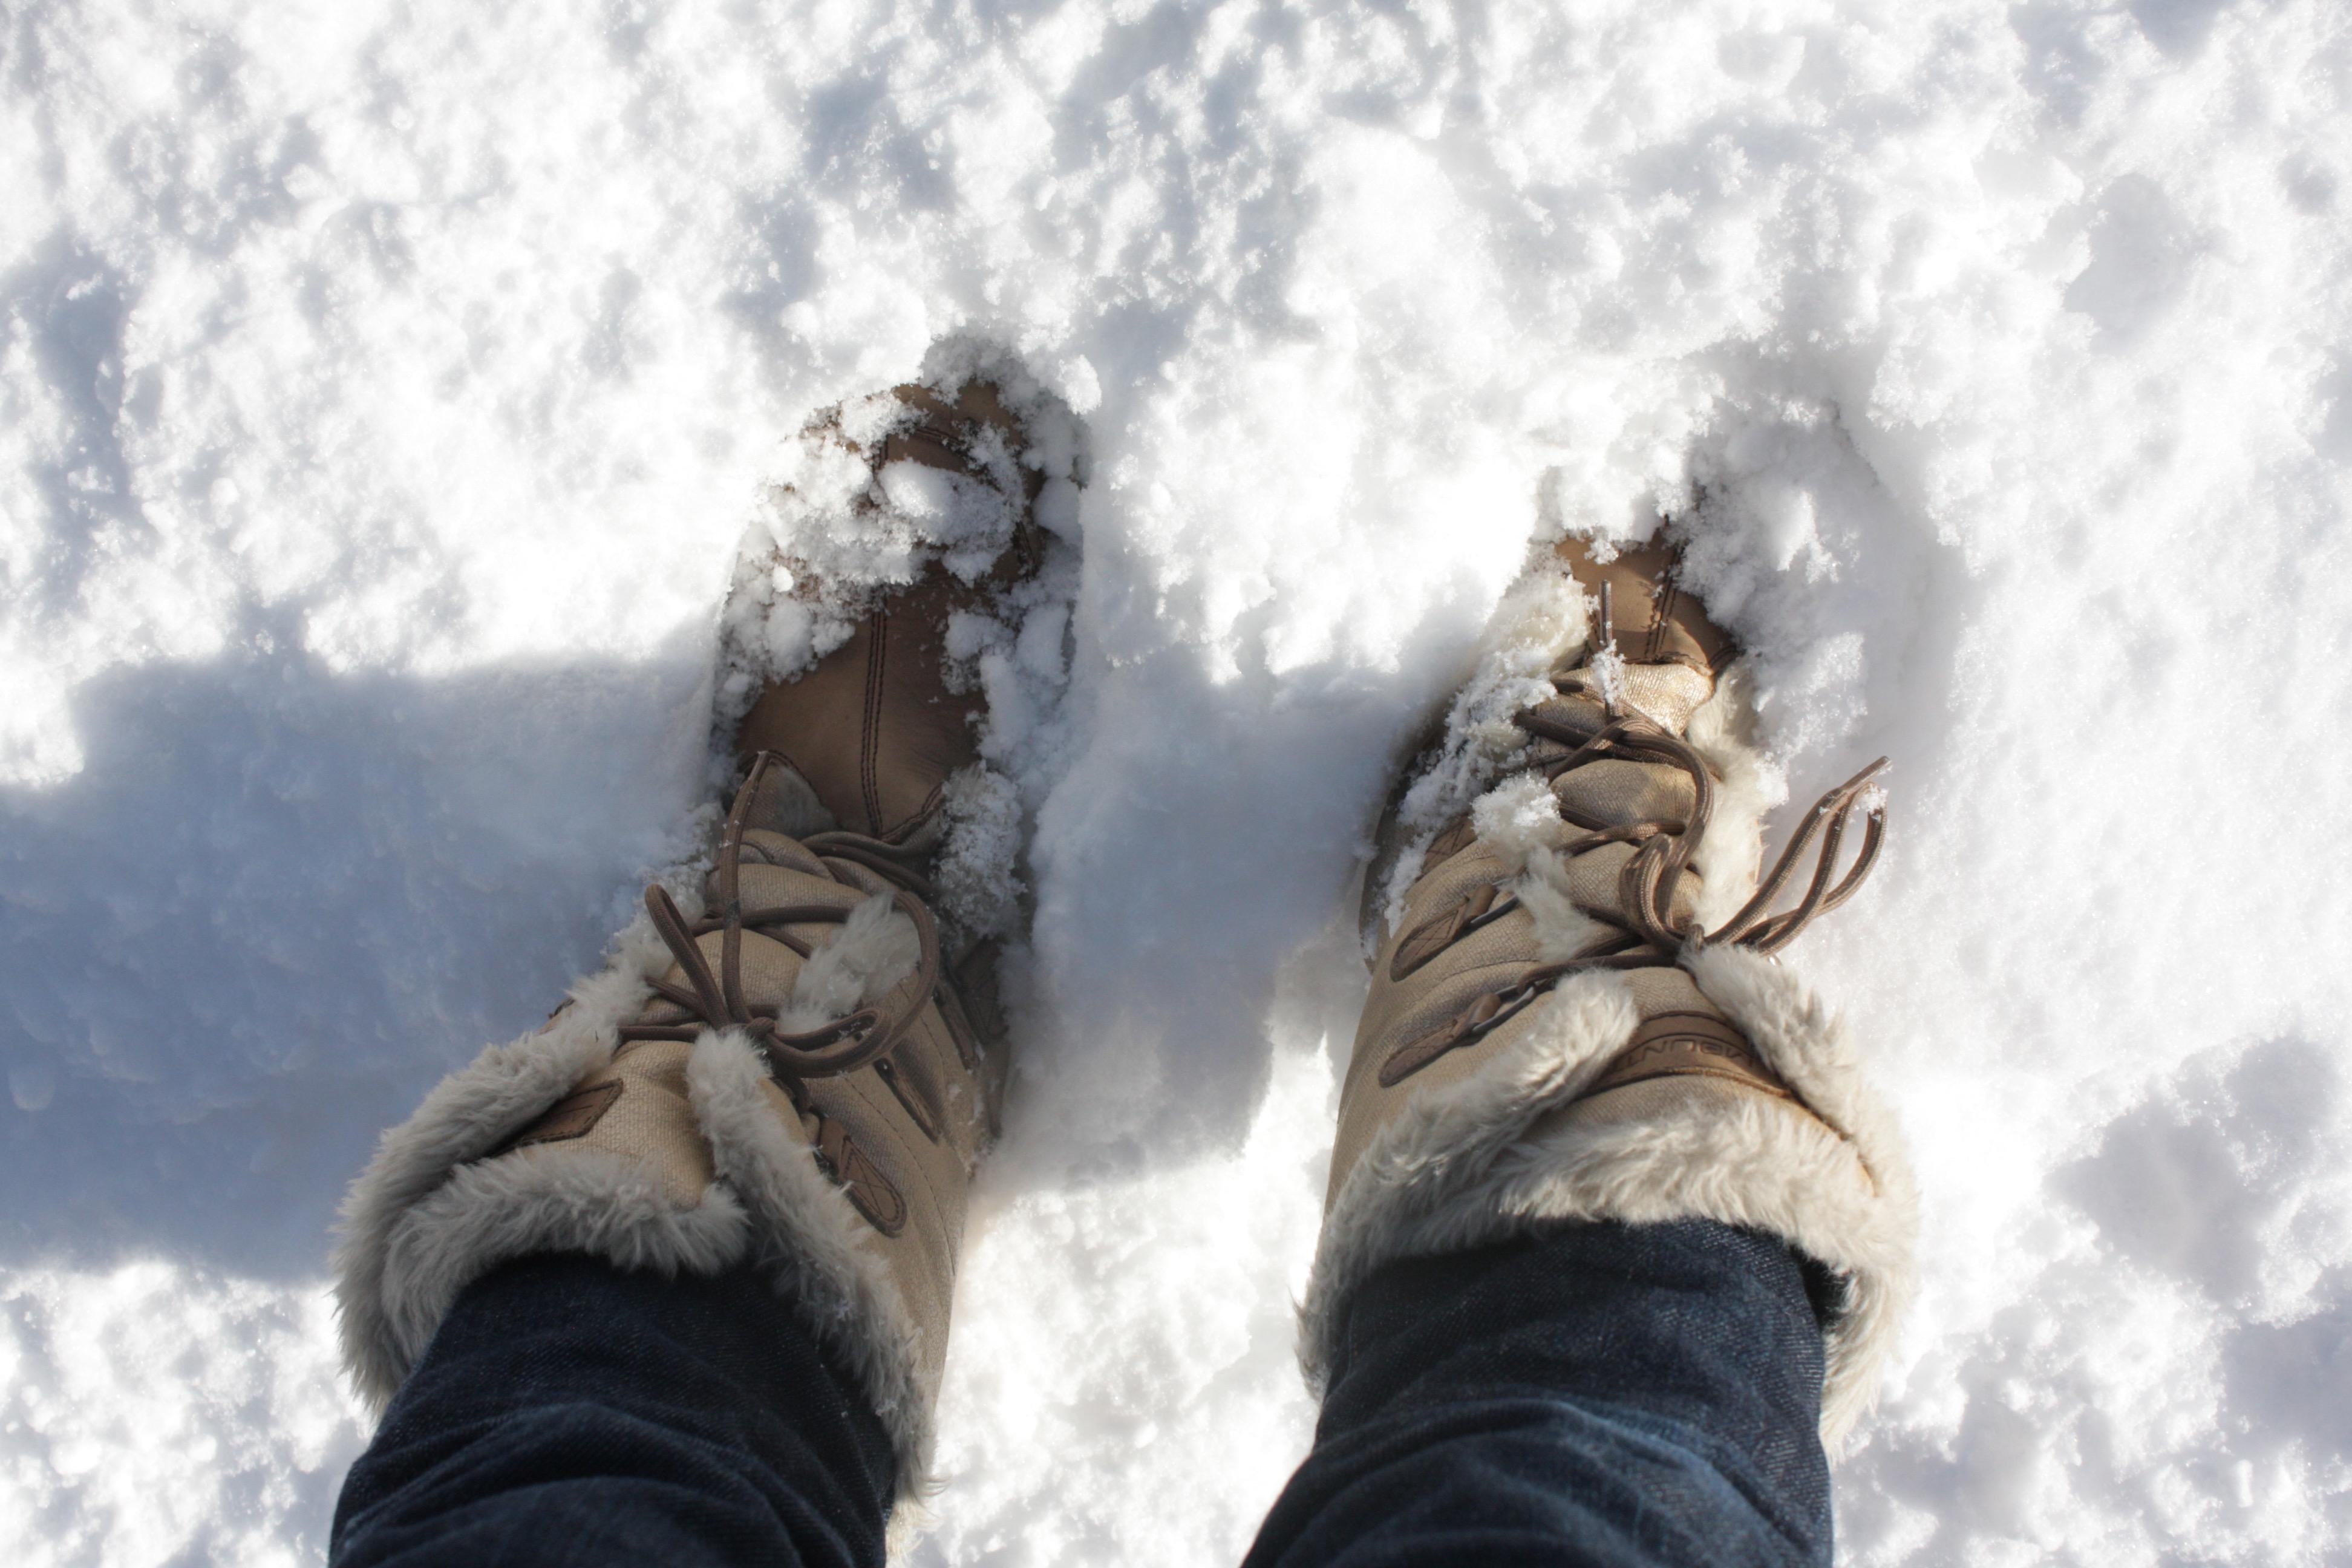 これは、こないだ降った雪。今はすっかり溶けちゃったけど